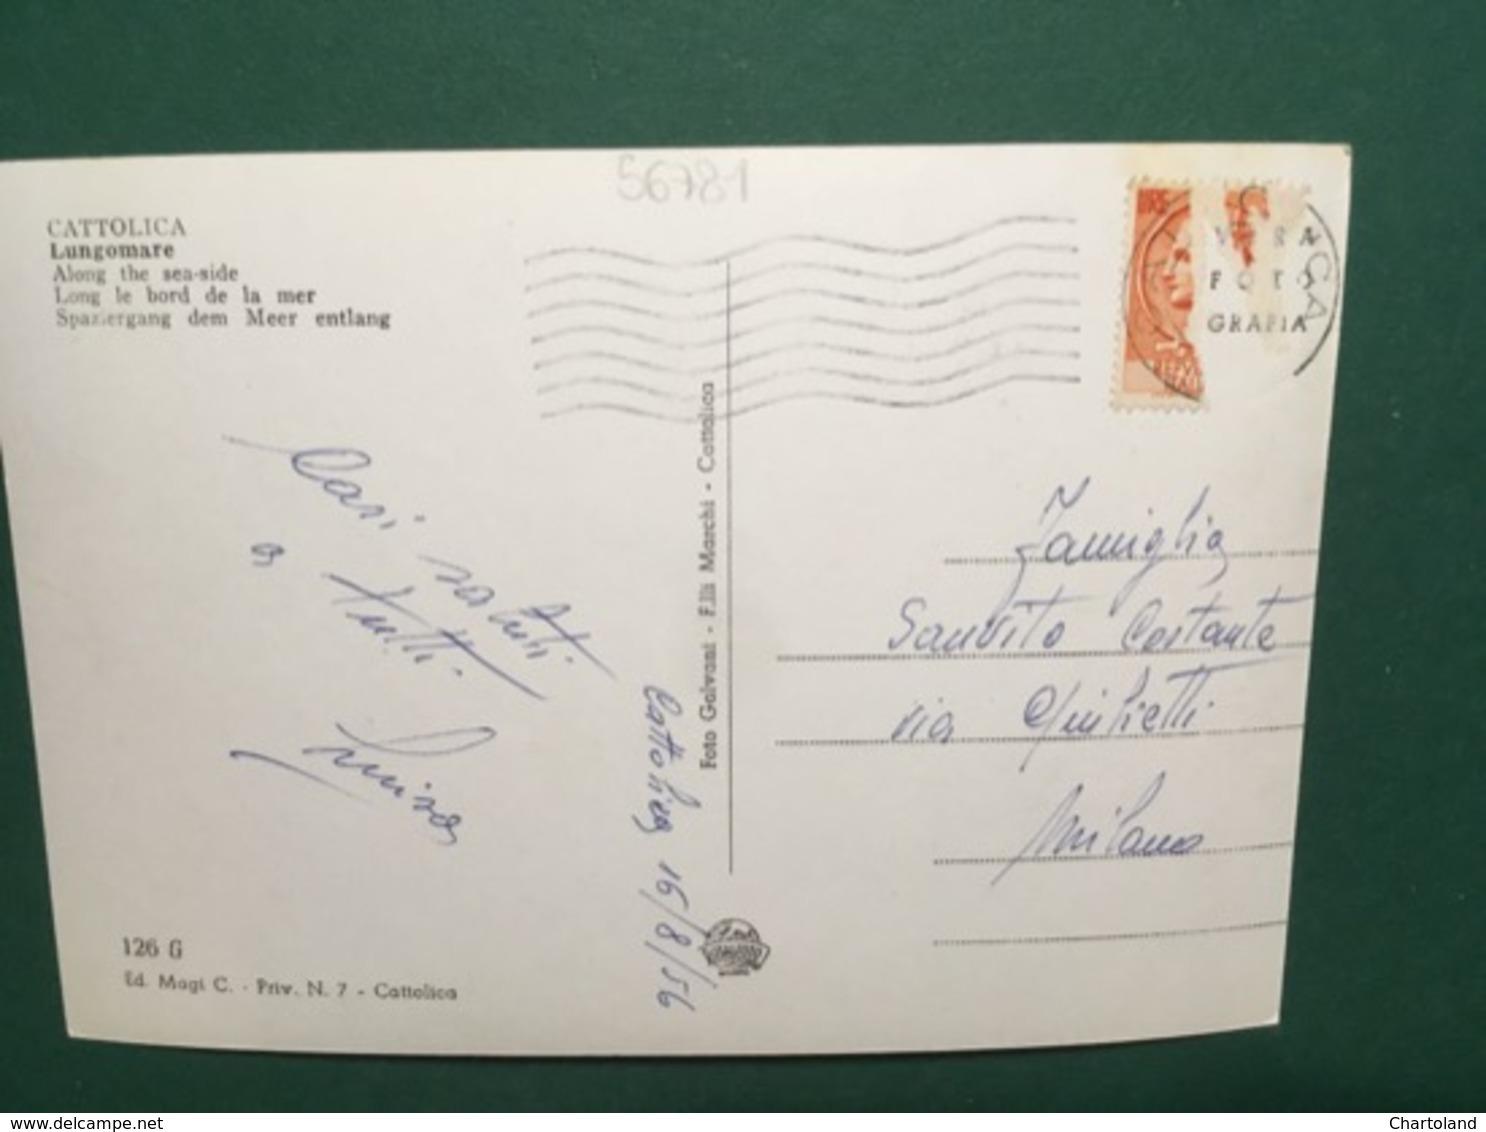 Cartolina Cattolica - Lungomare - 1956 - Rimini